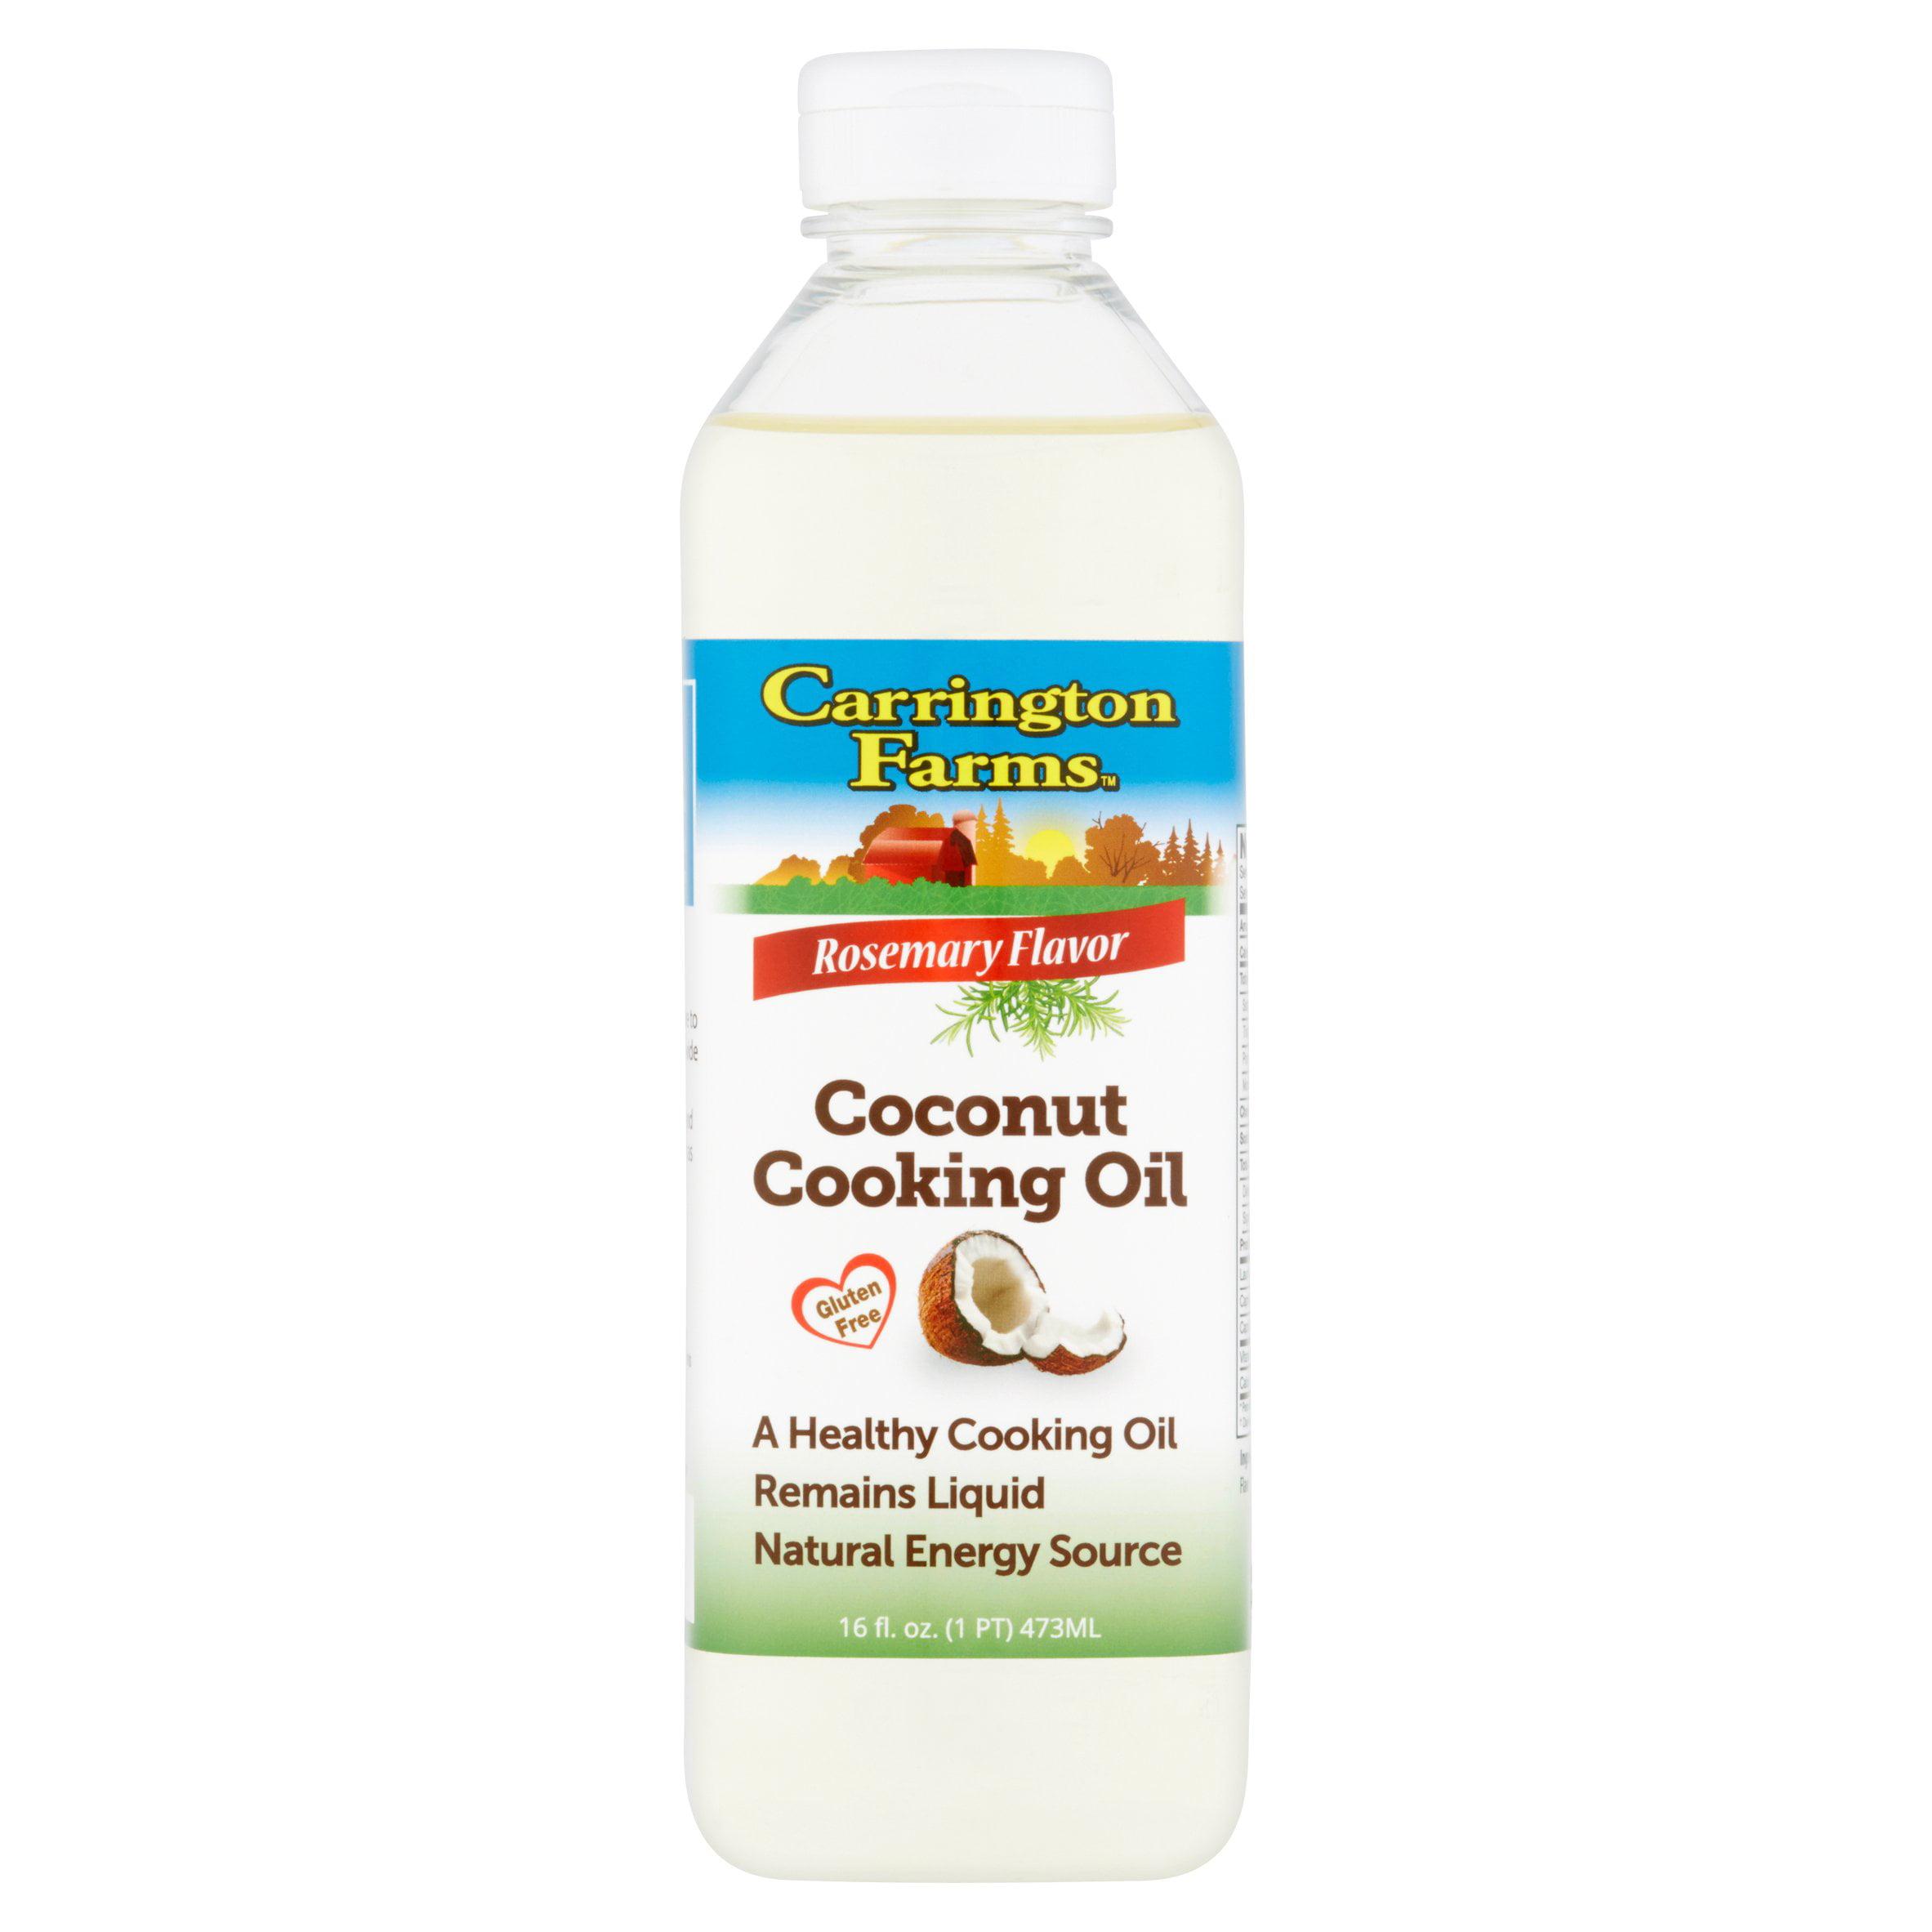 Carrington Farms Rosemary Flavor Coconut Cooking Oil 16fl.oz by Carrington Farms